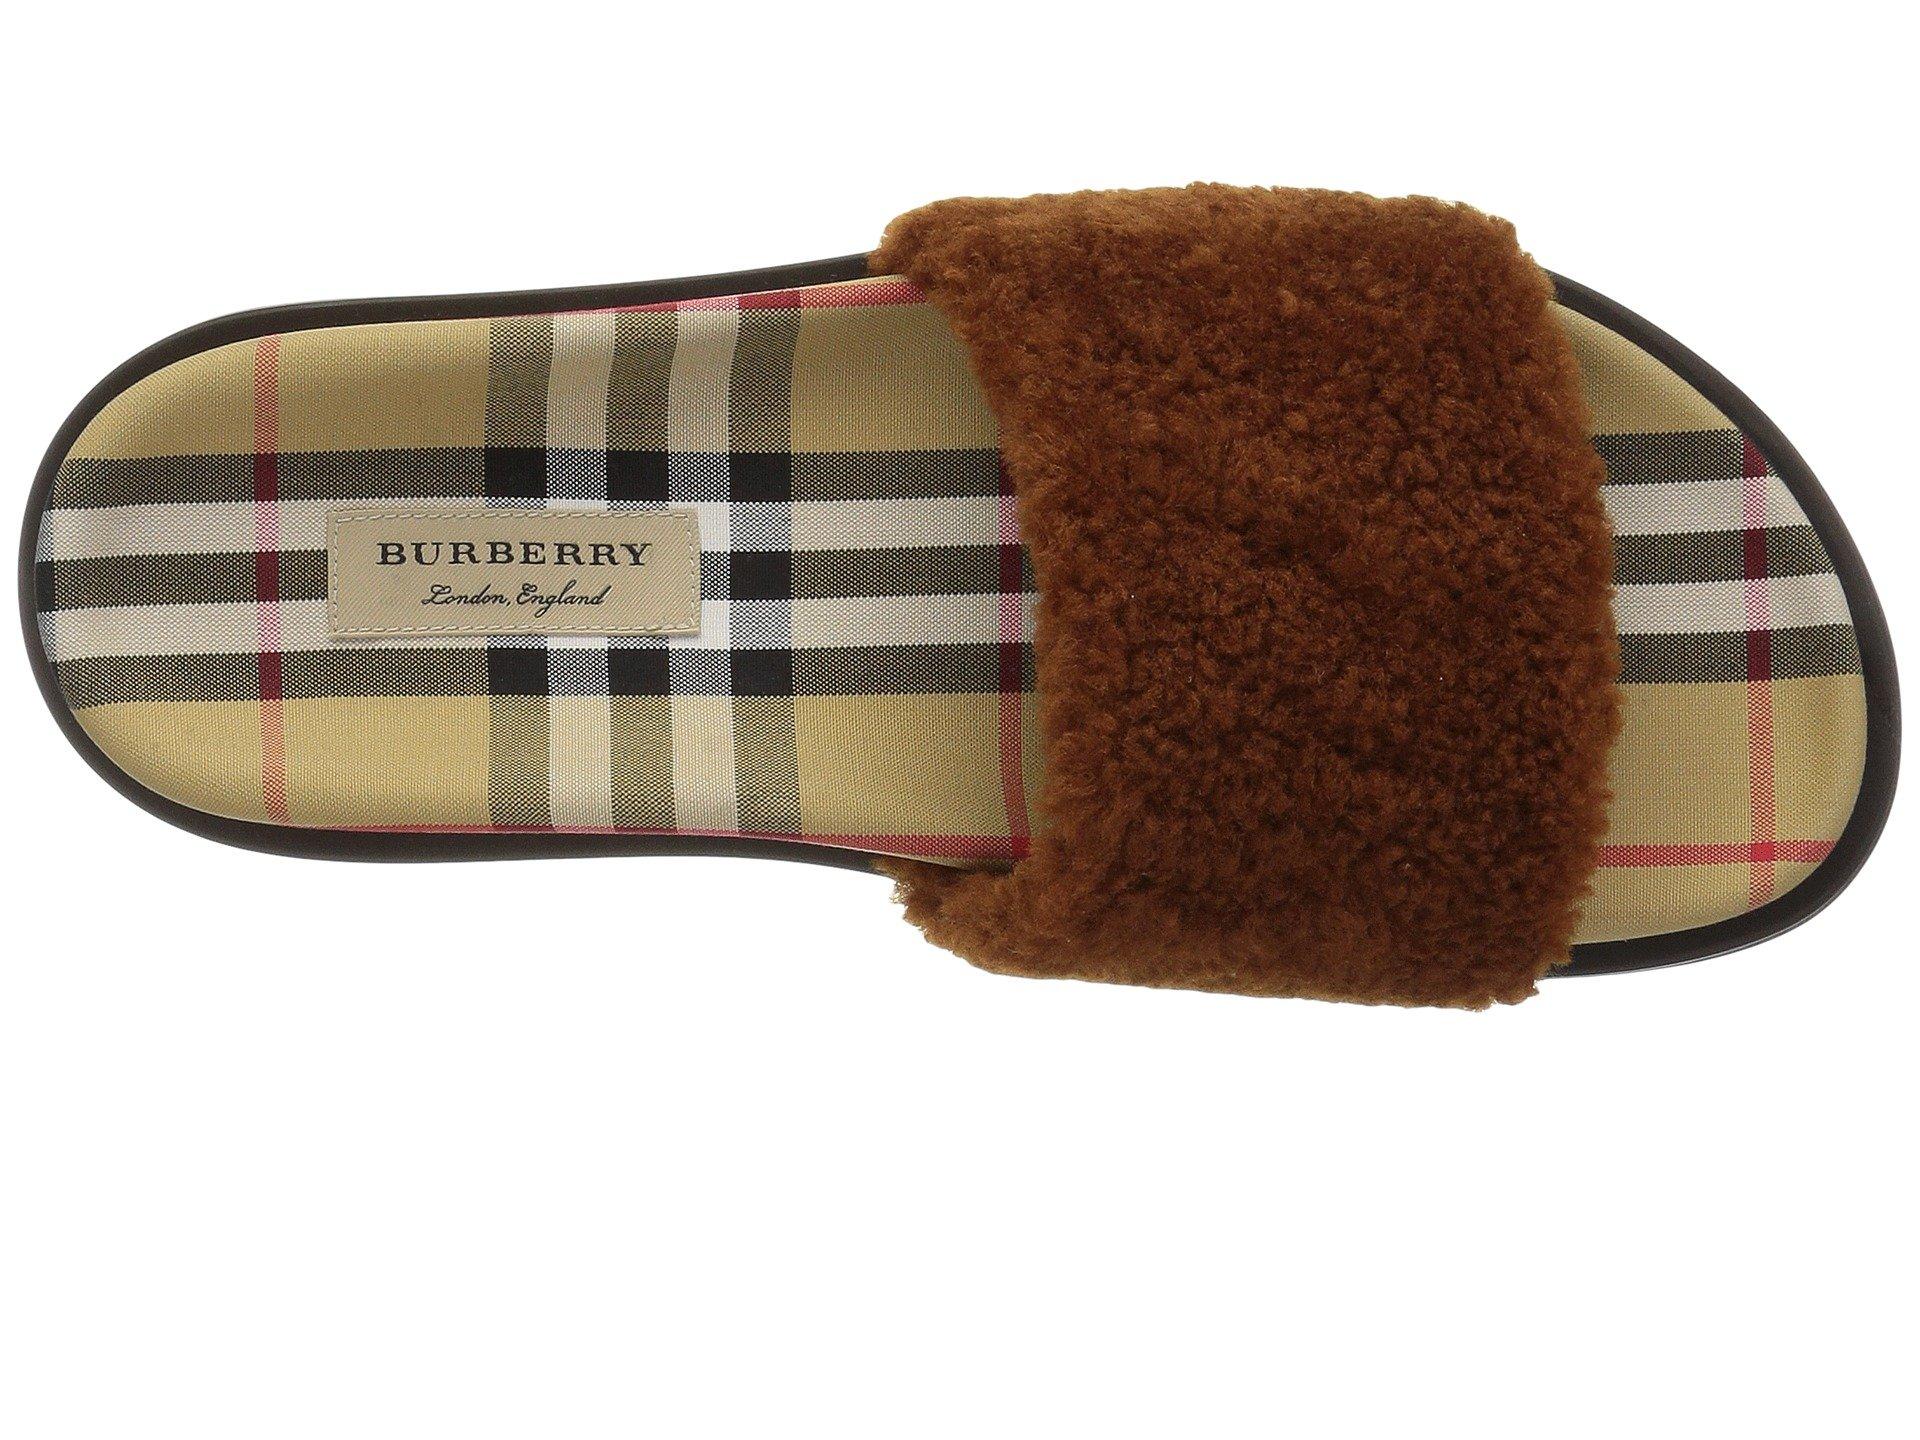 Burberry Kencot gZXs6b